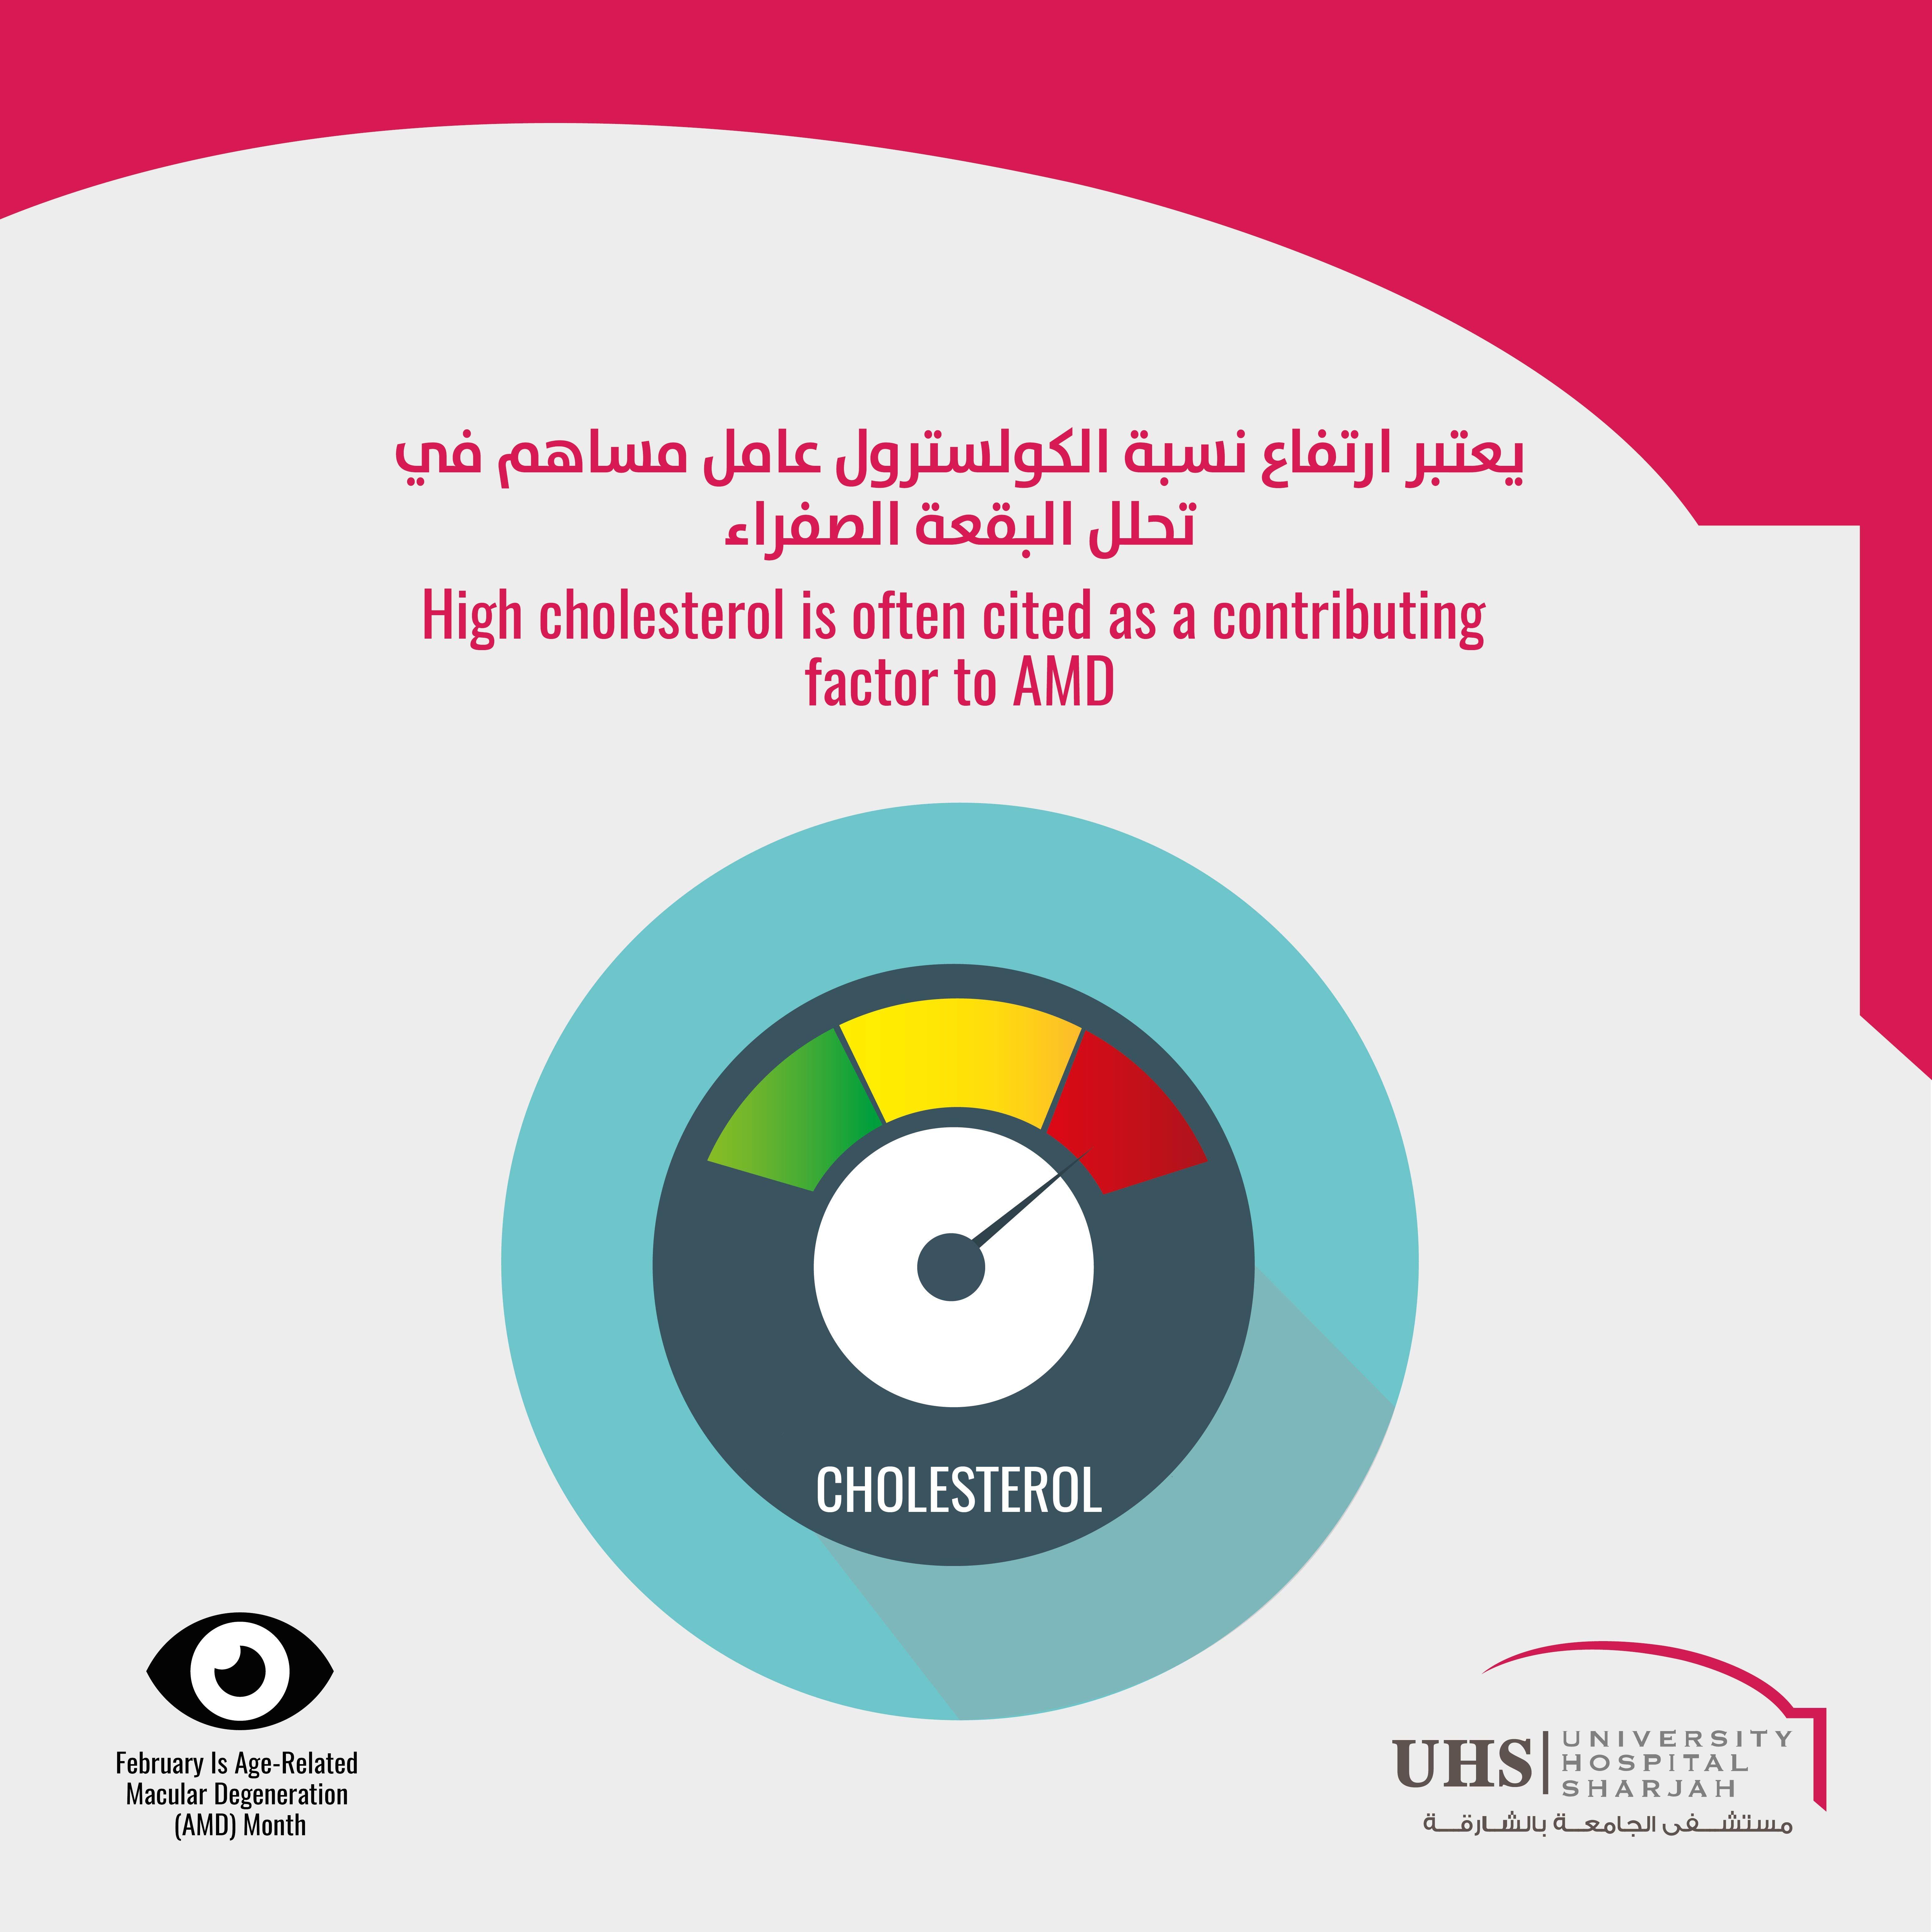 يعد ارتفاع نسبة الكولسترول عامل مساهم في تحلل البقعة الصفراء وقد أظهرت العديد من الدراسات وجود ارتباط بينه وبين نسبة ا Awareness Month School Logos Tech Logos